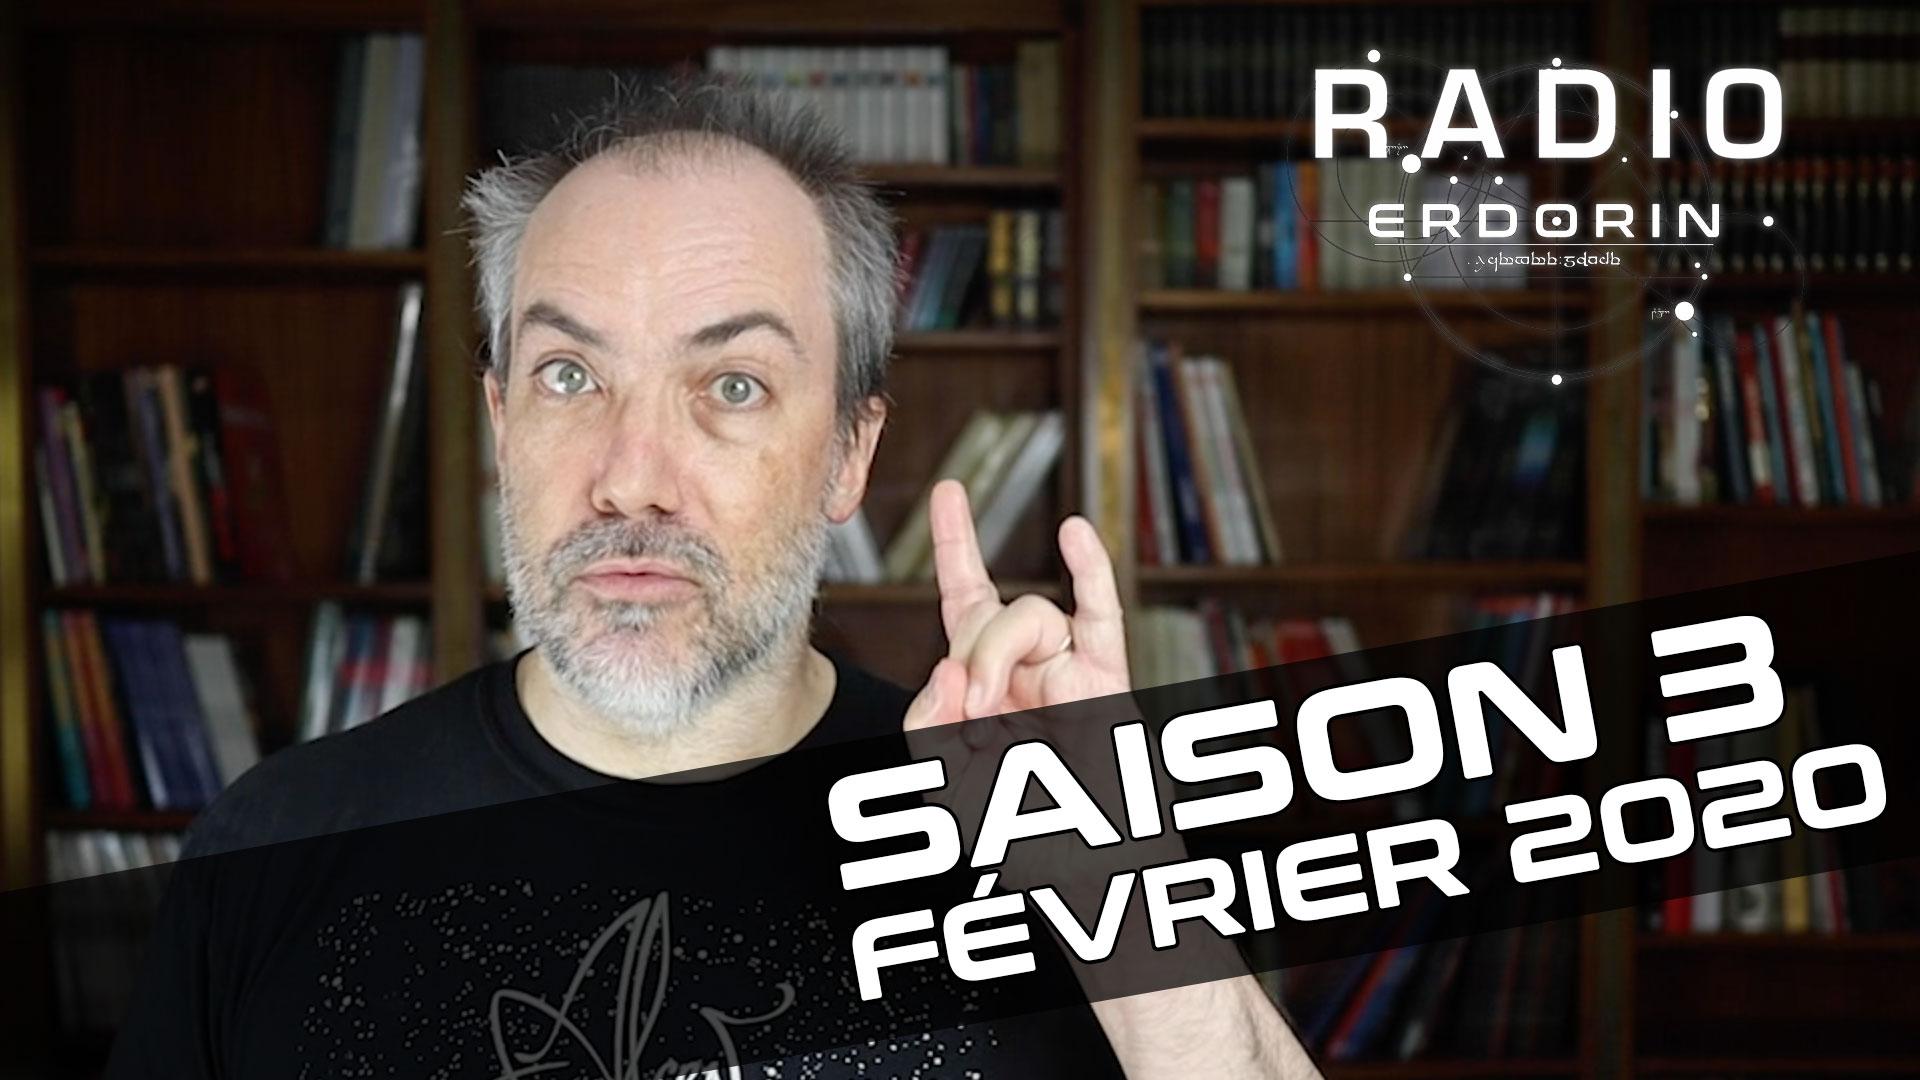 Radio-Erdorin S3E2 – Février 2020